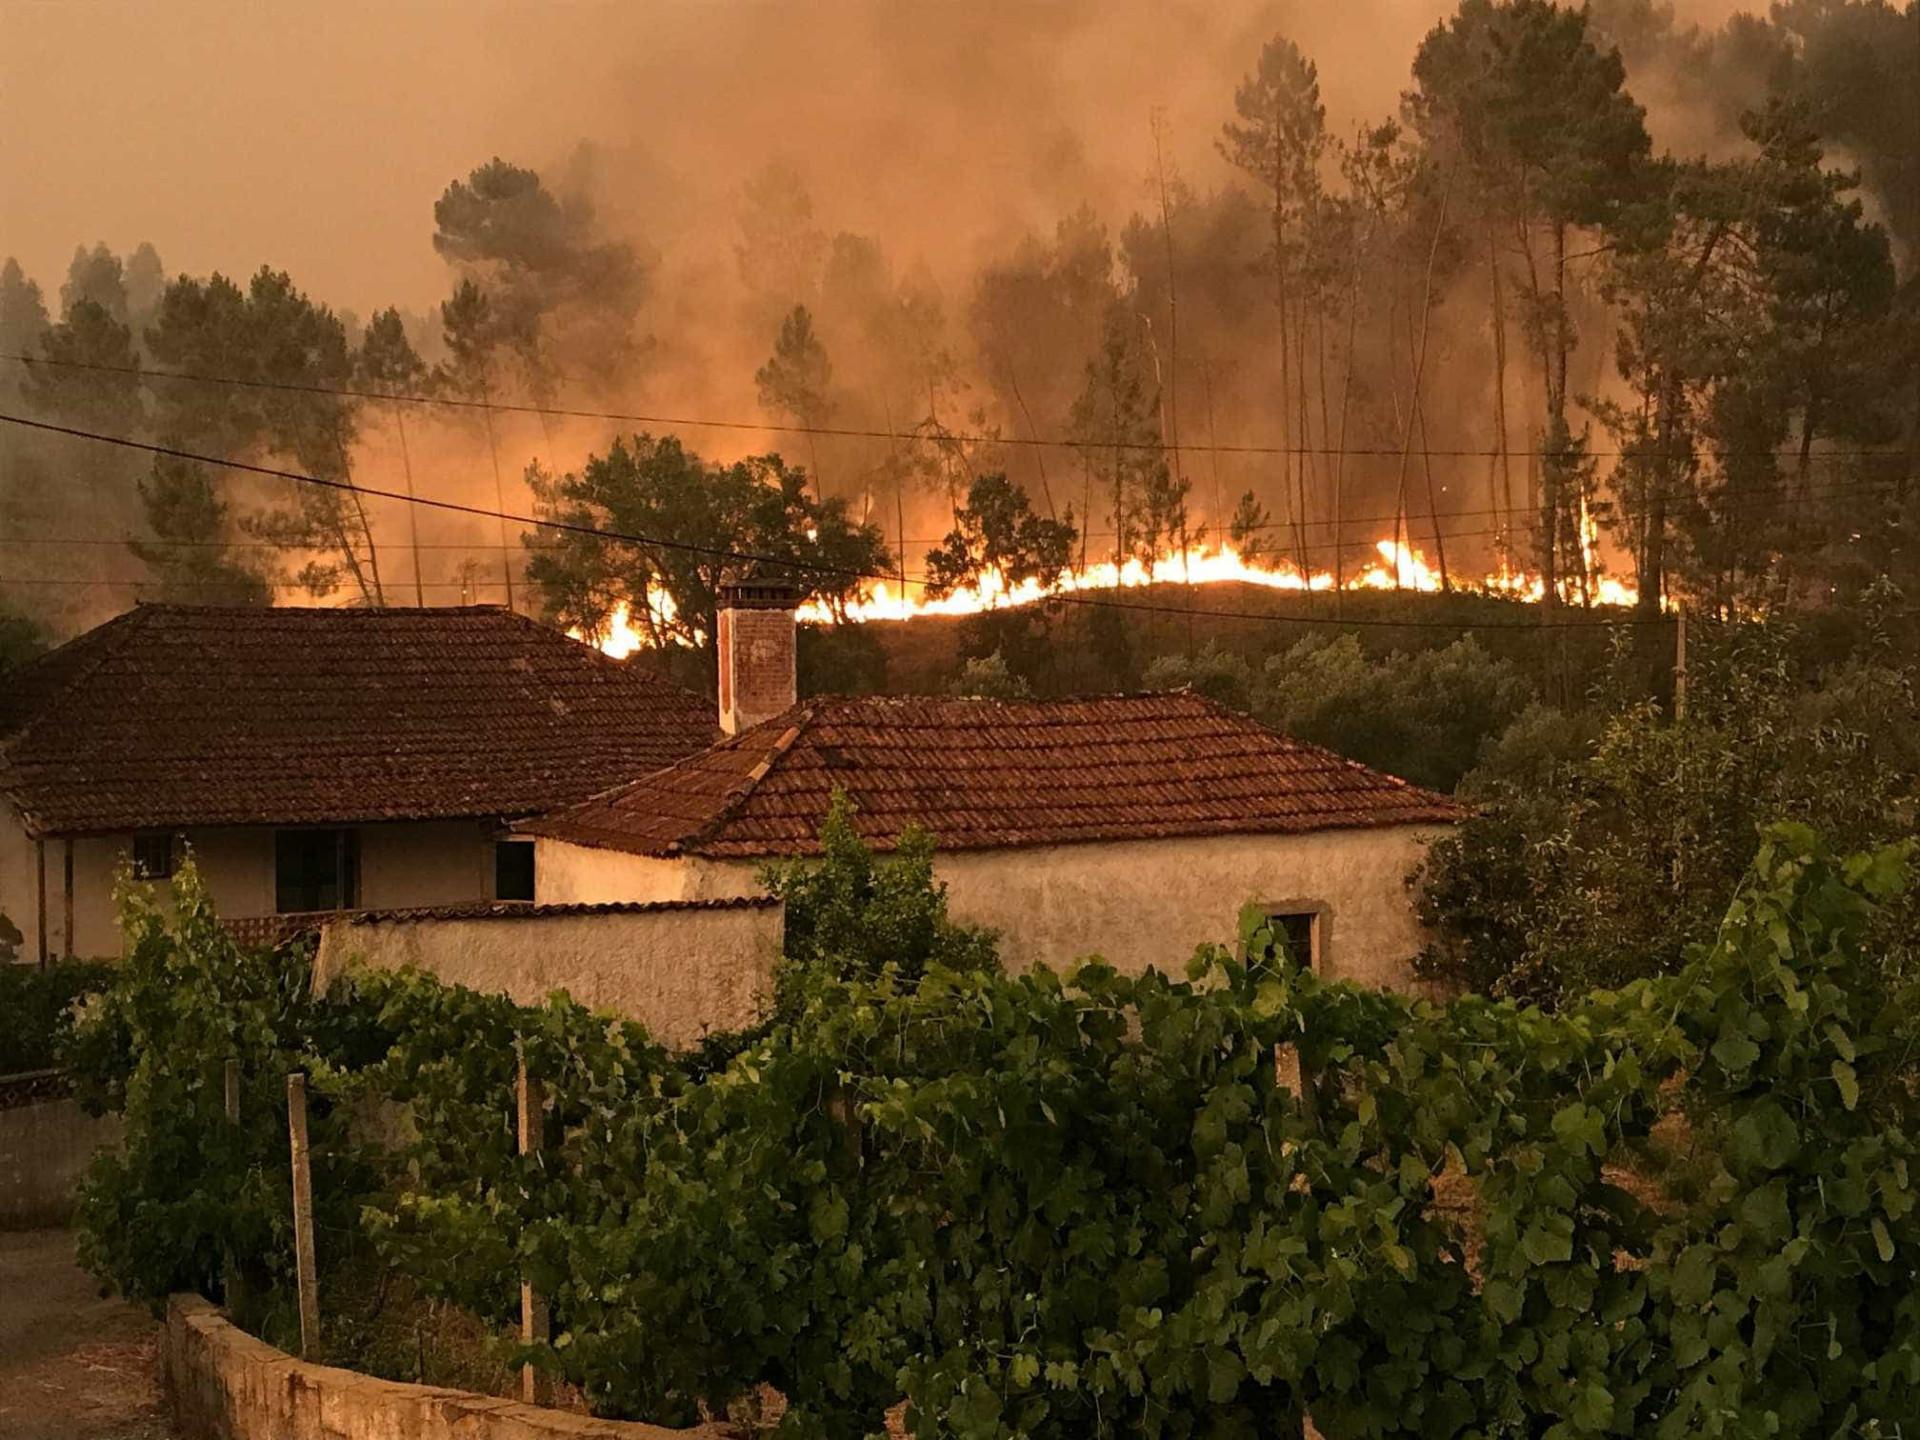 Veja as fotos do incêndio que deixou mais de 60 mortos em Portugal